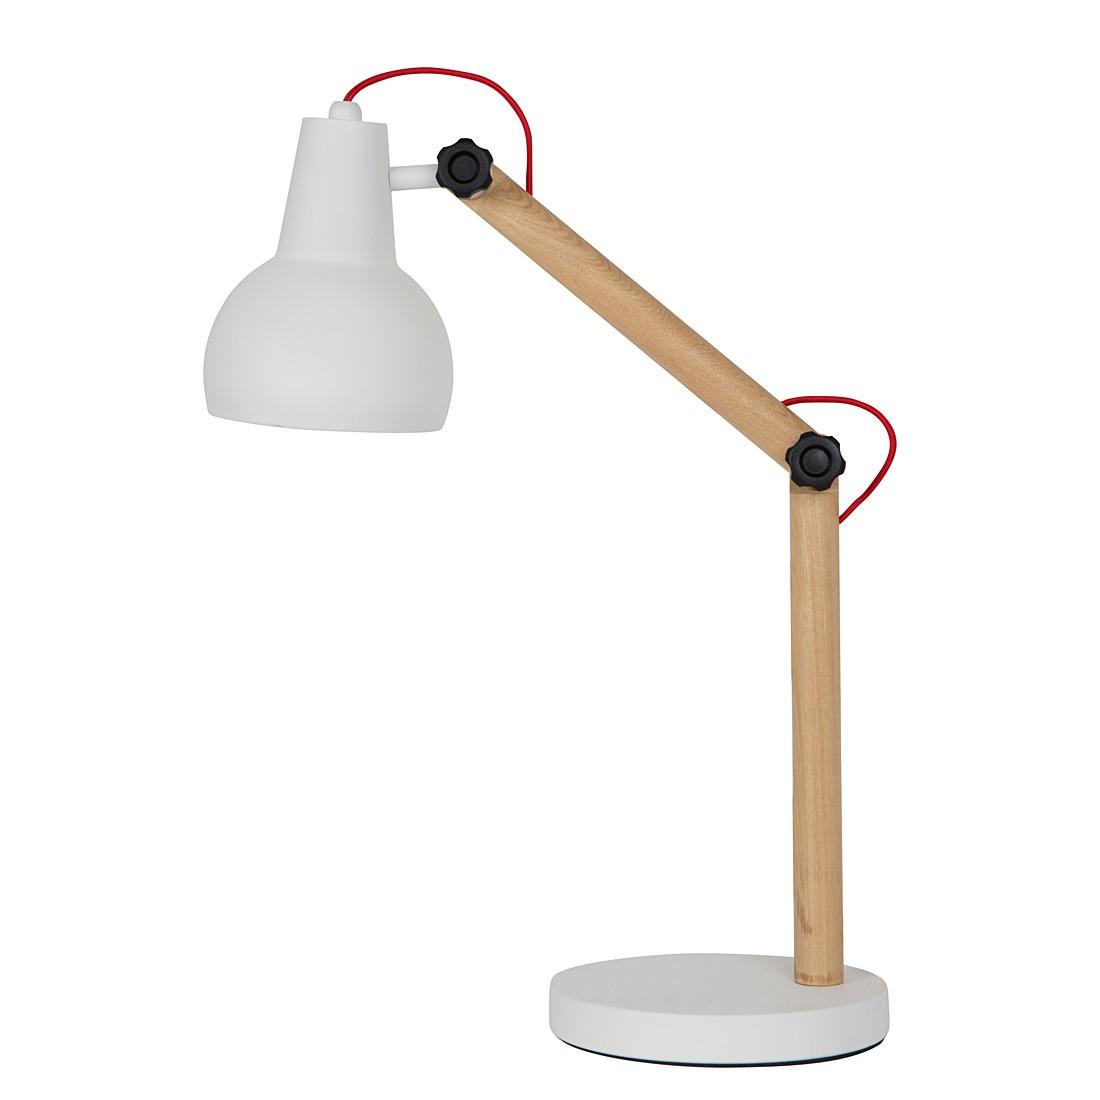 EEK A++, Tischleuchte STUDY – Metall/Holz – 1-flammig, Zuiver günstig online kaufen